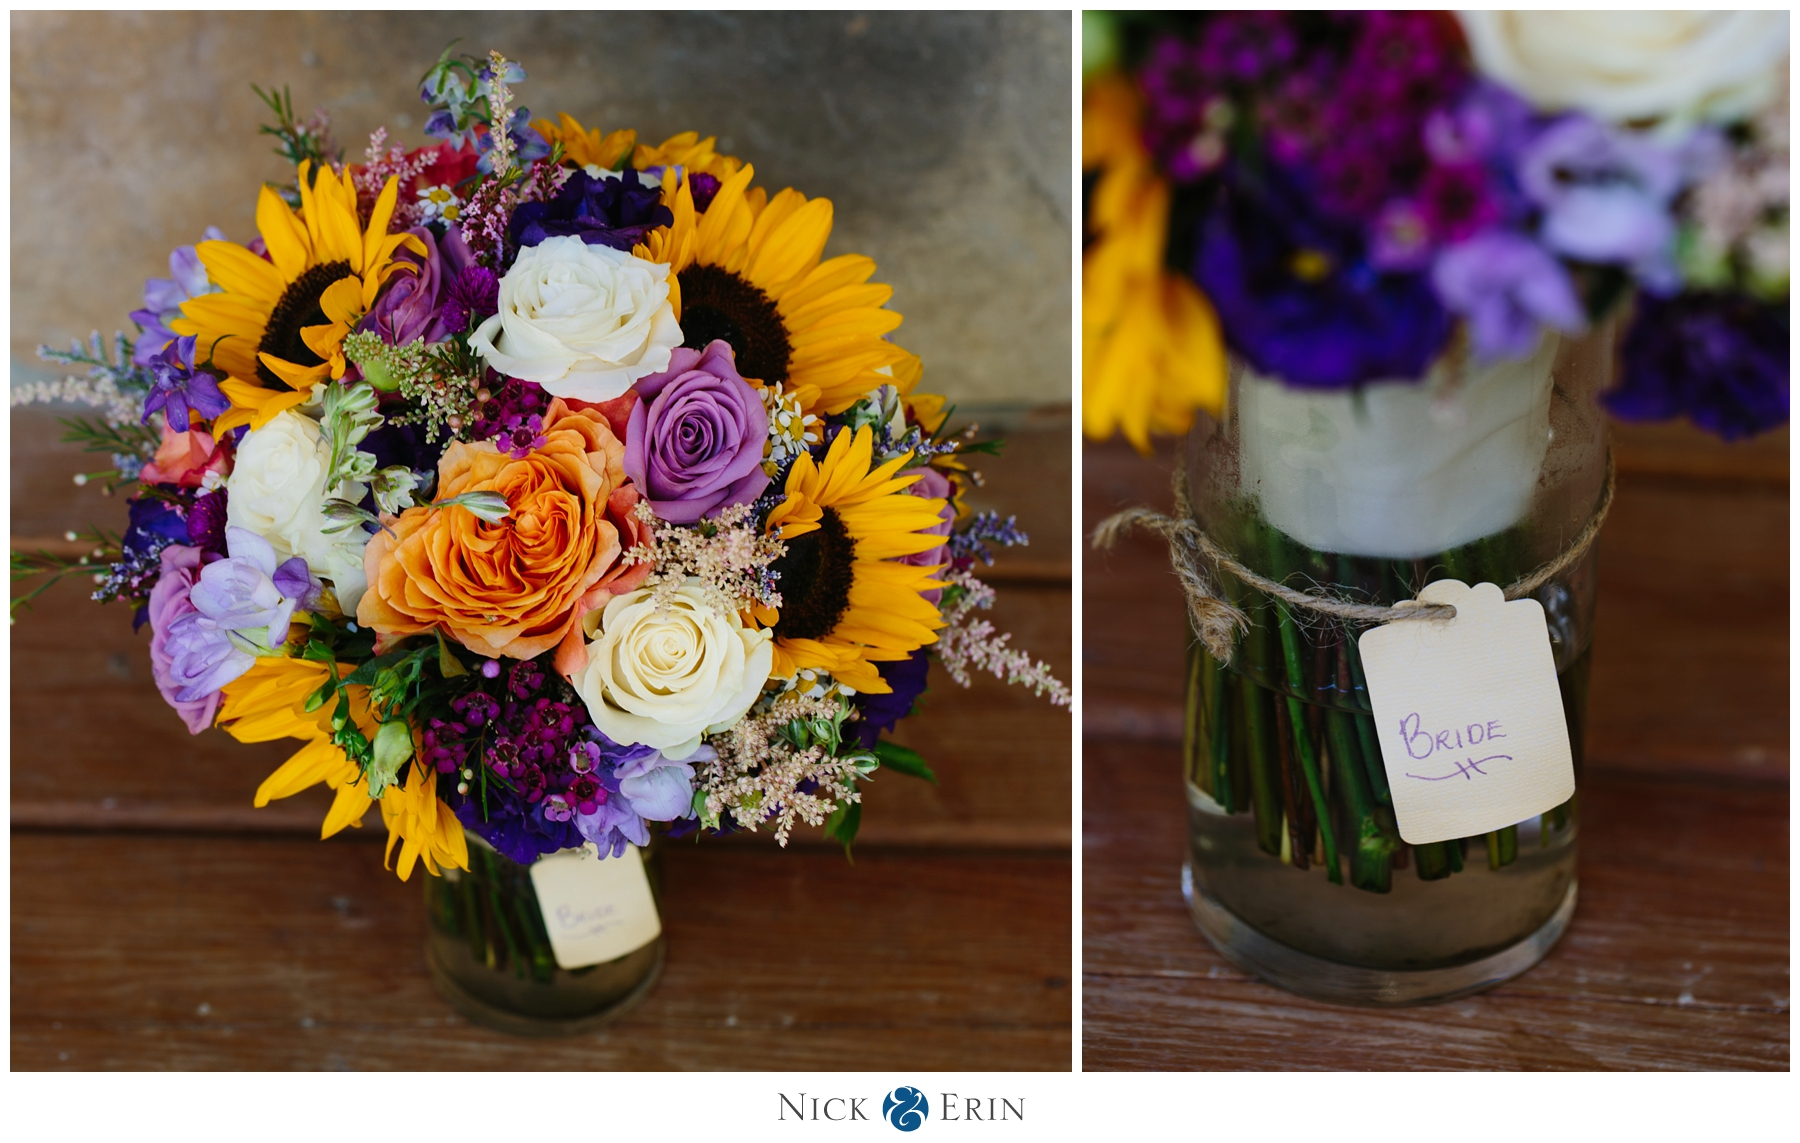 donner_photography_megan-corey-luray-virginia-wedding_0010